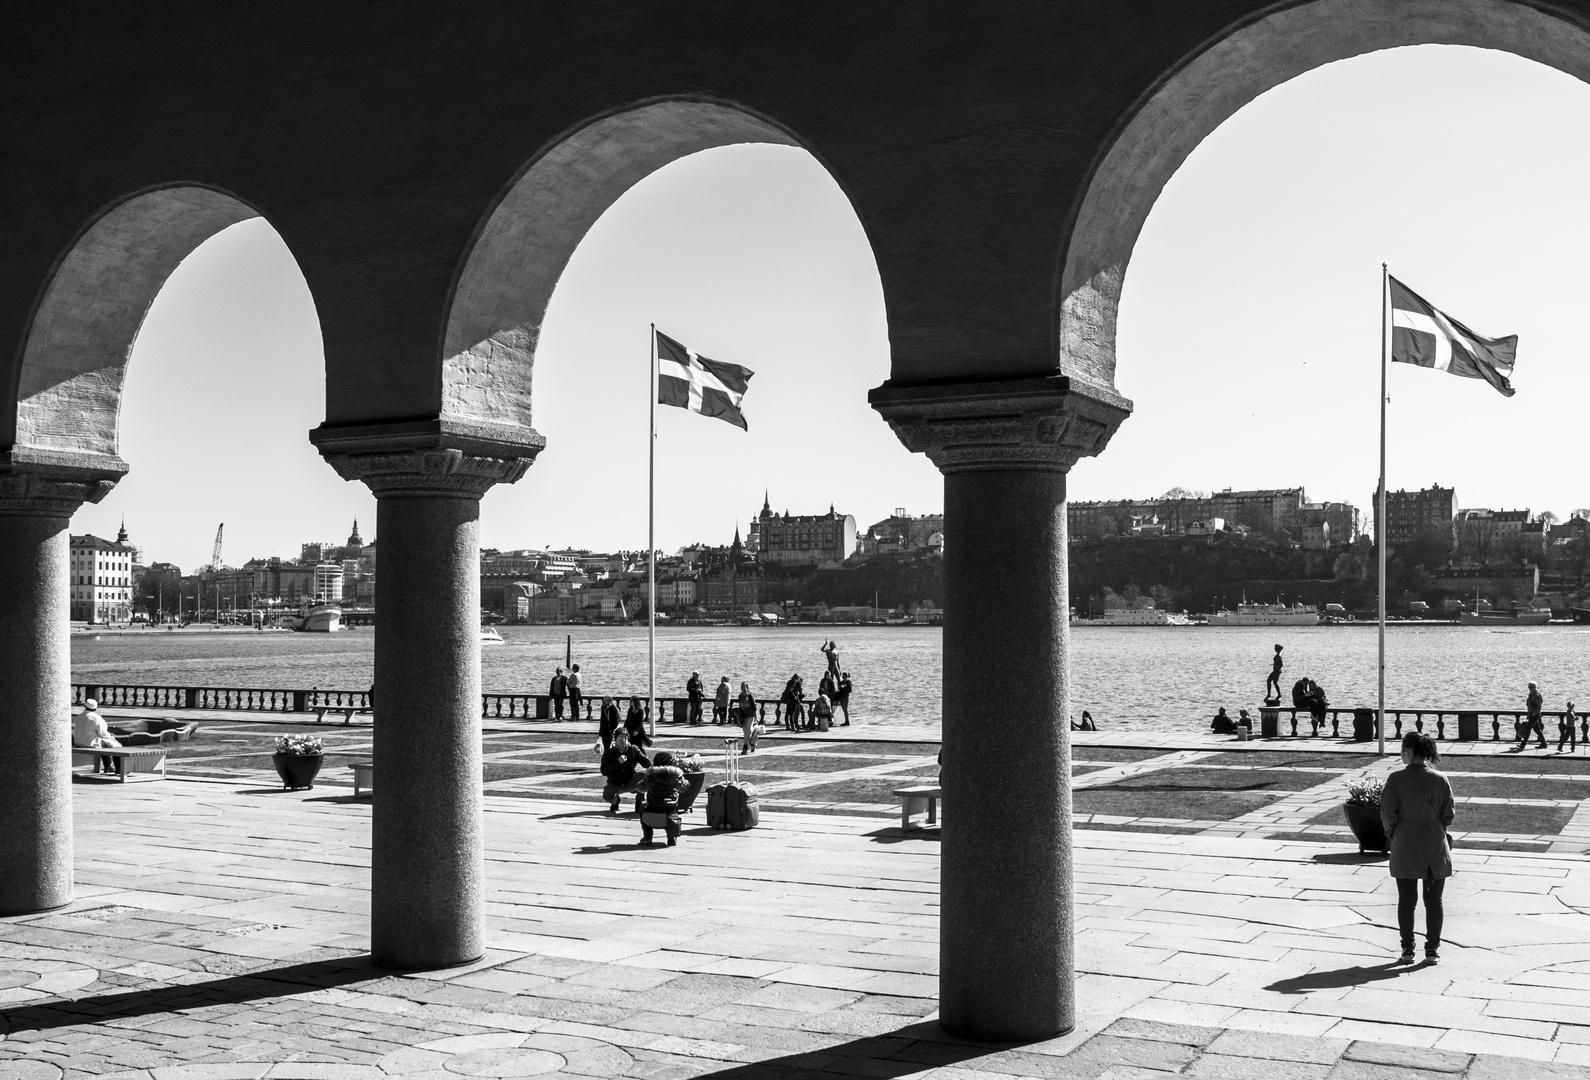 Stockholm Schwarz weis